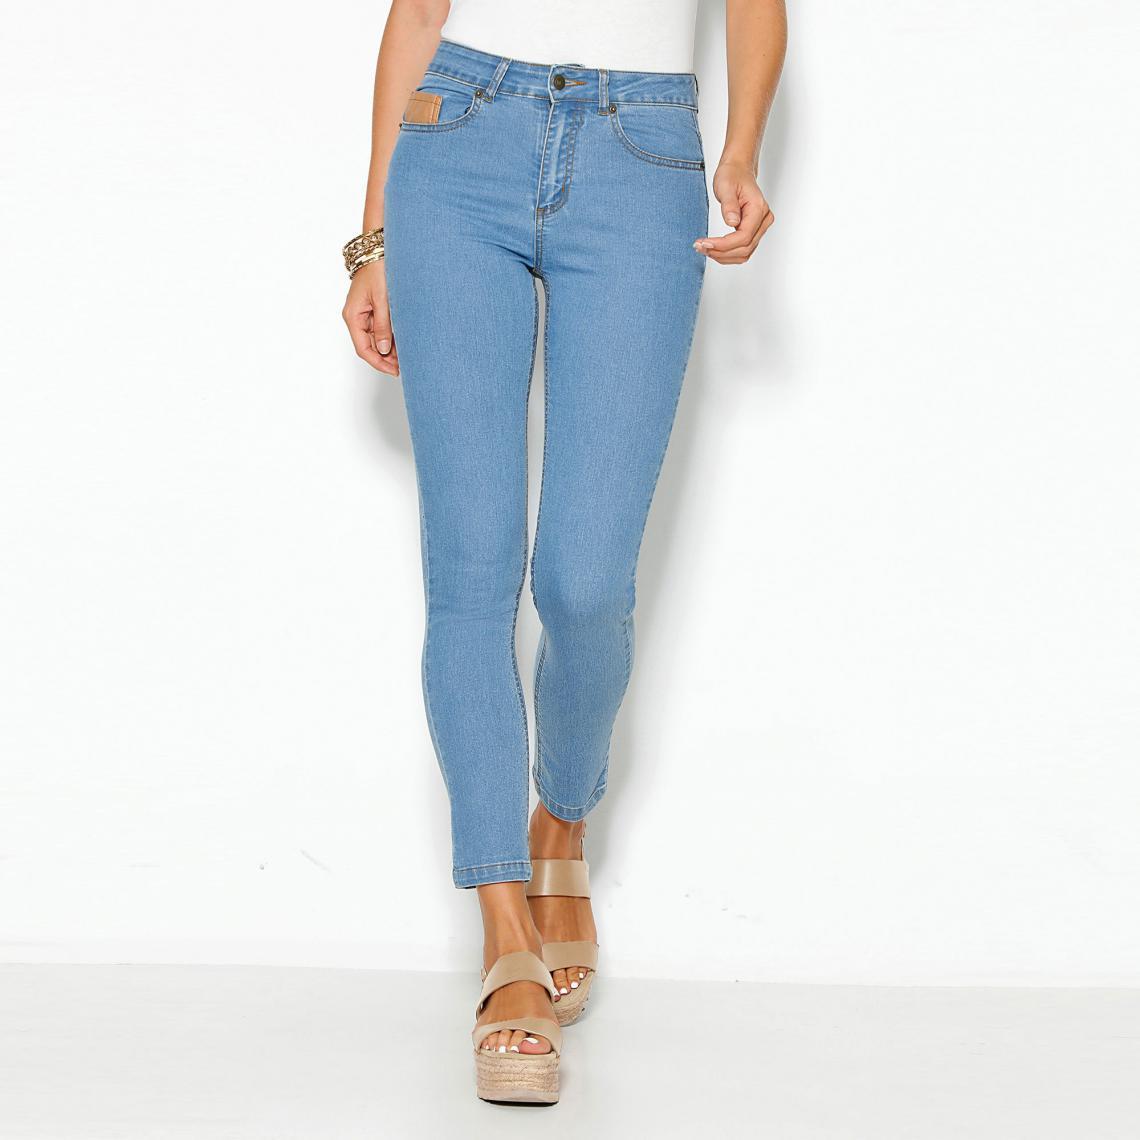 6f2211338c53 Jean skinny 5 poches taille haute femme - Bleu Ciel 3 SUISSES Femme